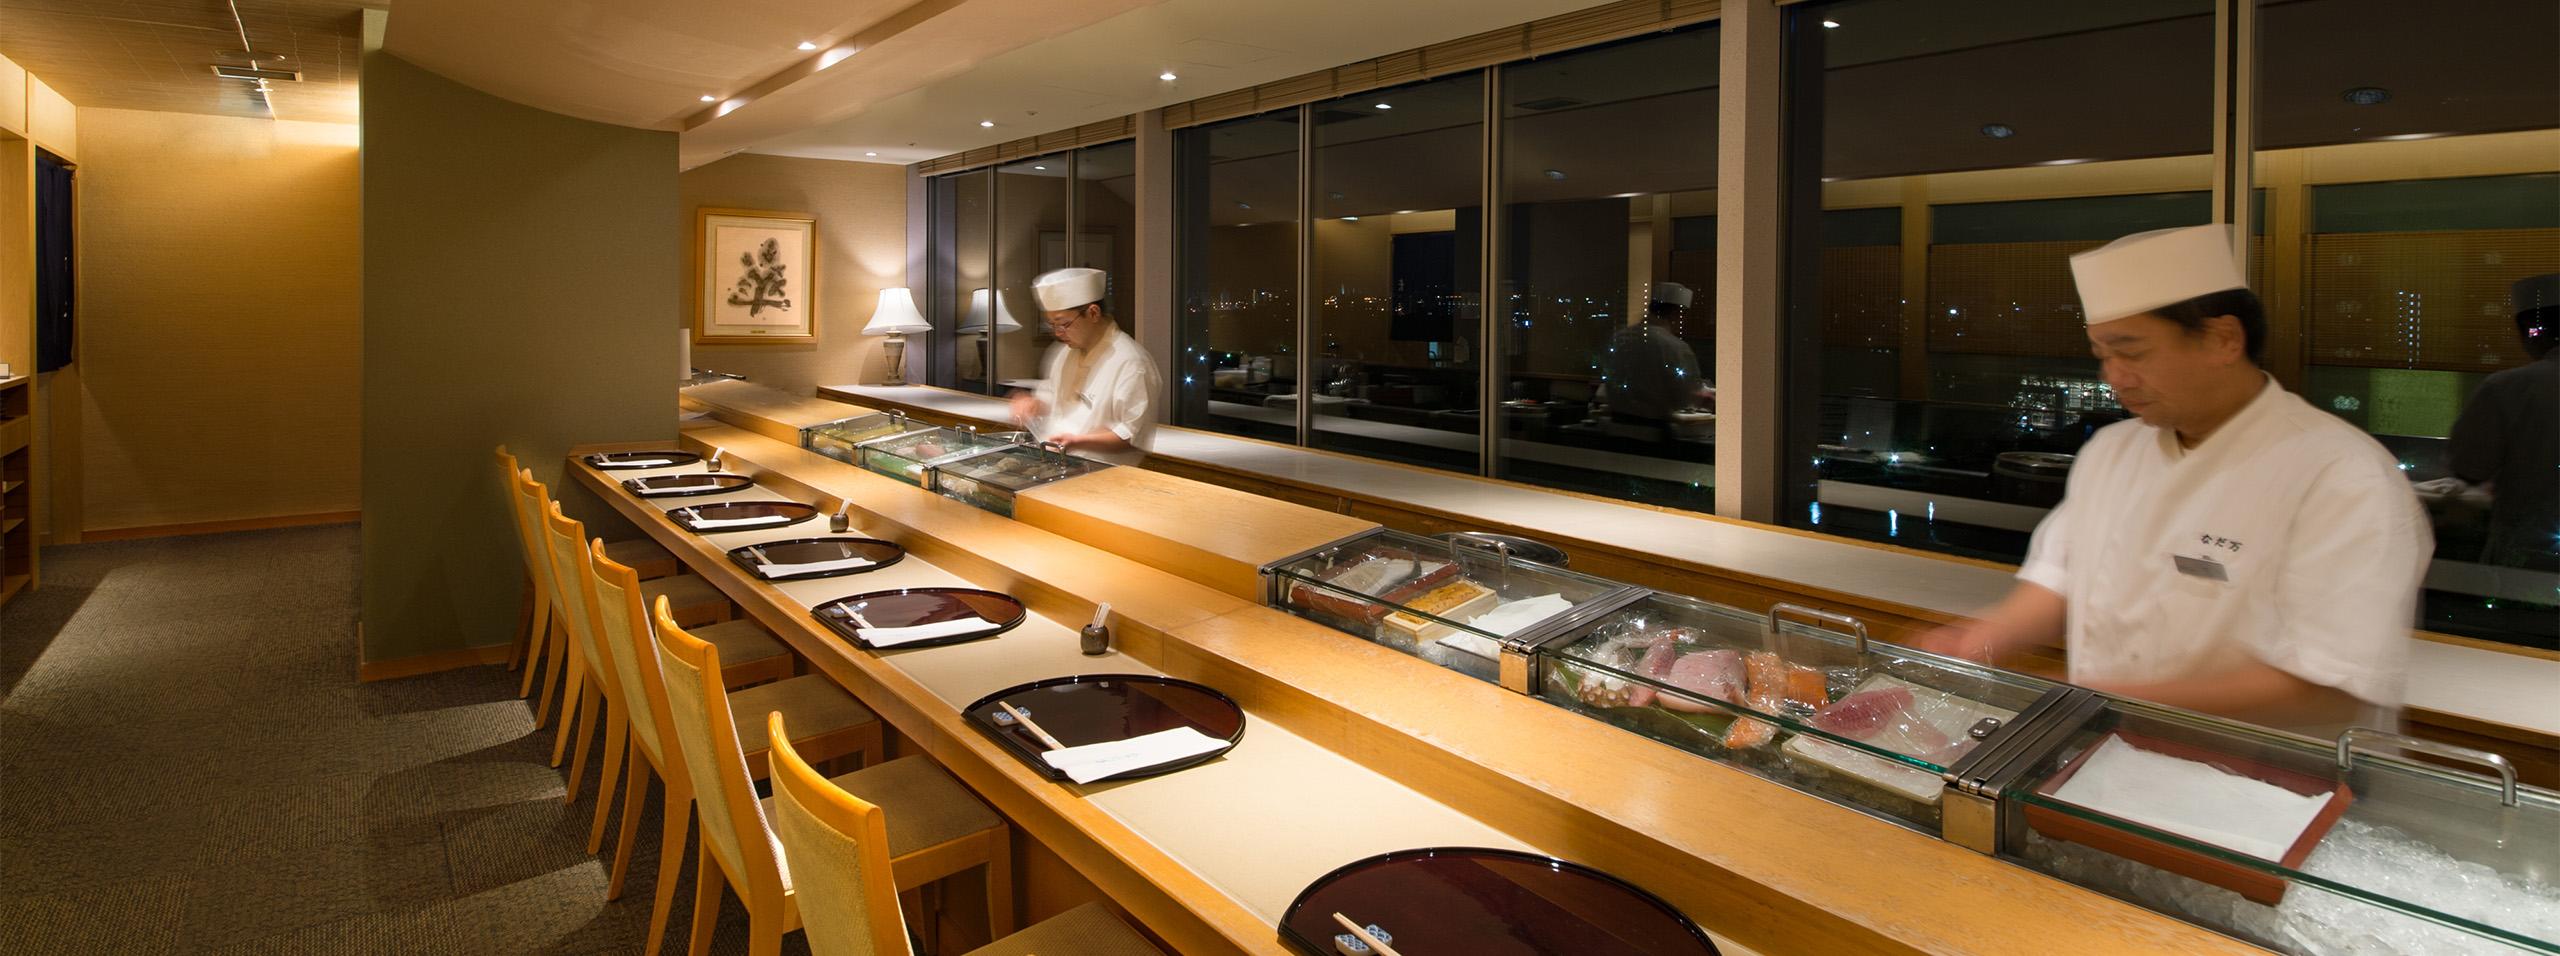 Nadaman Garden Japanese Restaurant 11F